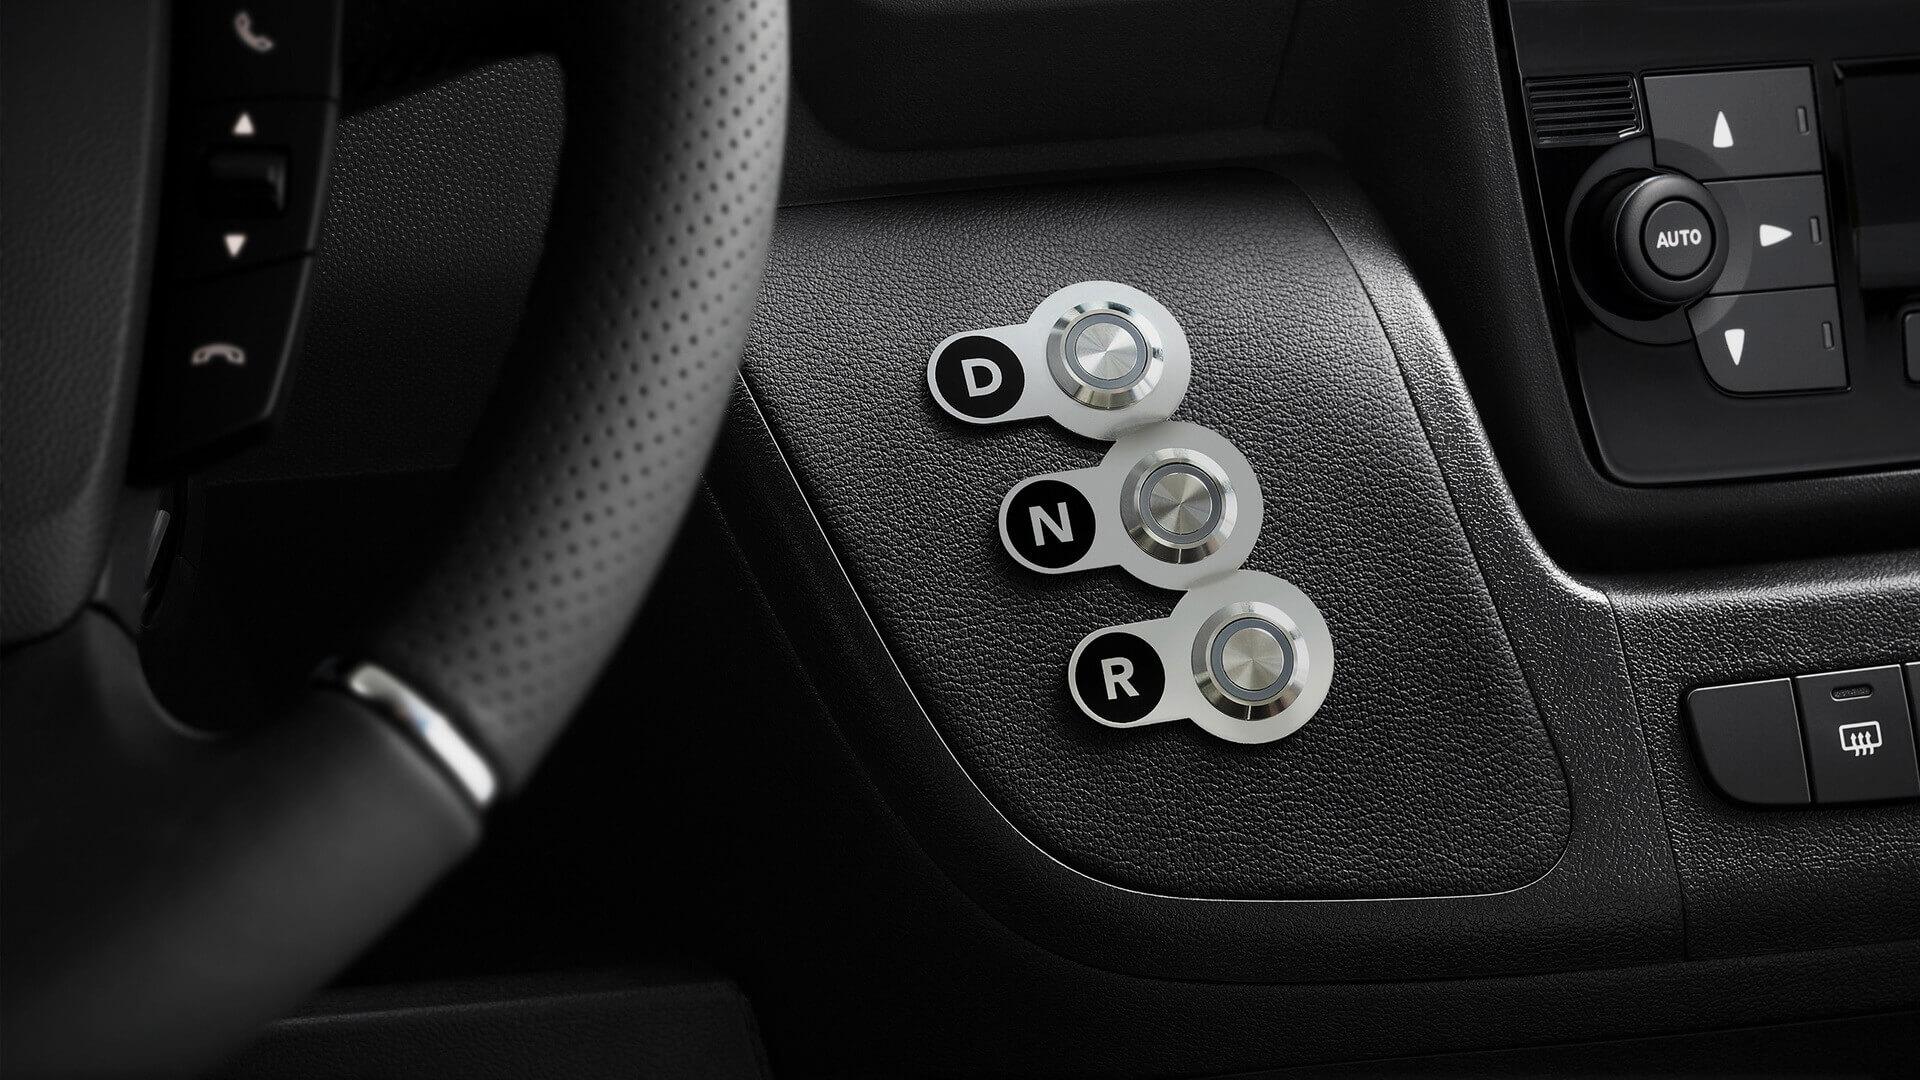 Переключение режимов движения Opel Movano-e